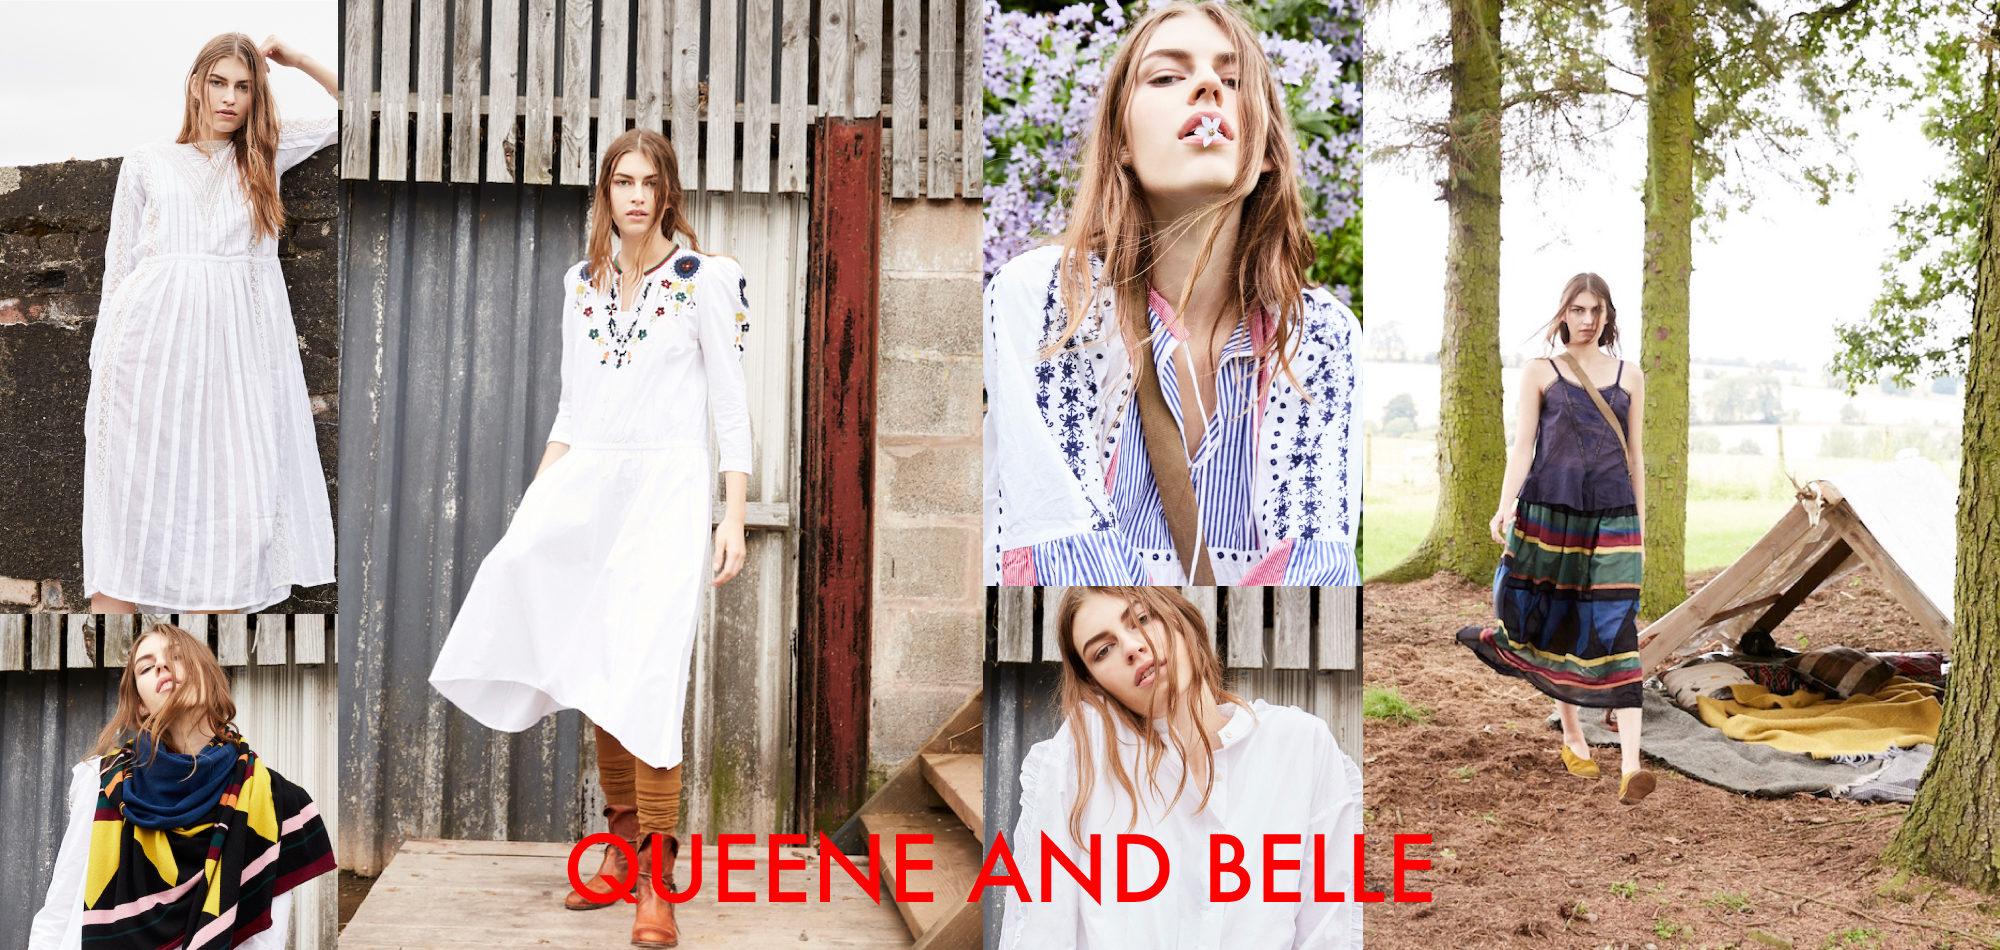 QUEENE AND BELLE